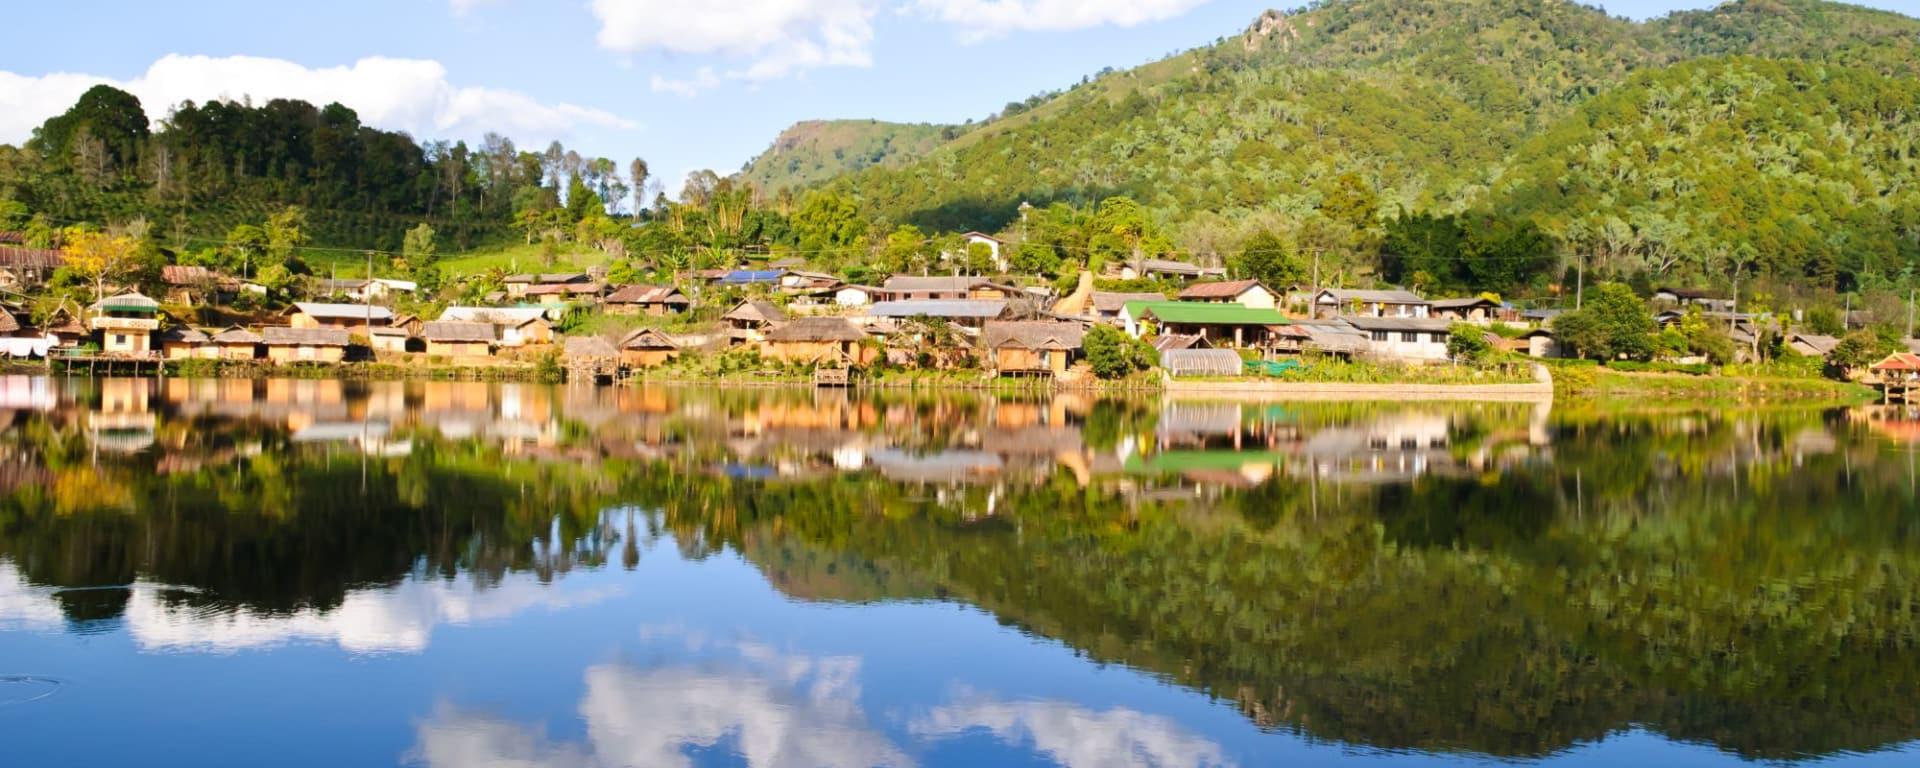 Mietwagenrundreise Mae Hong Son ab Chiang Mai: Pai: Rak Thai Village